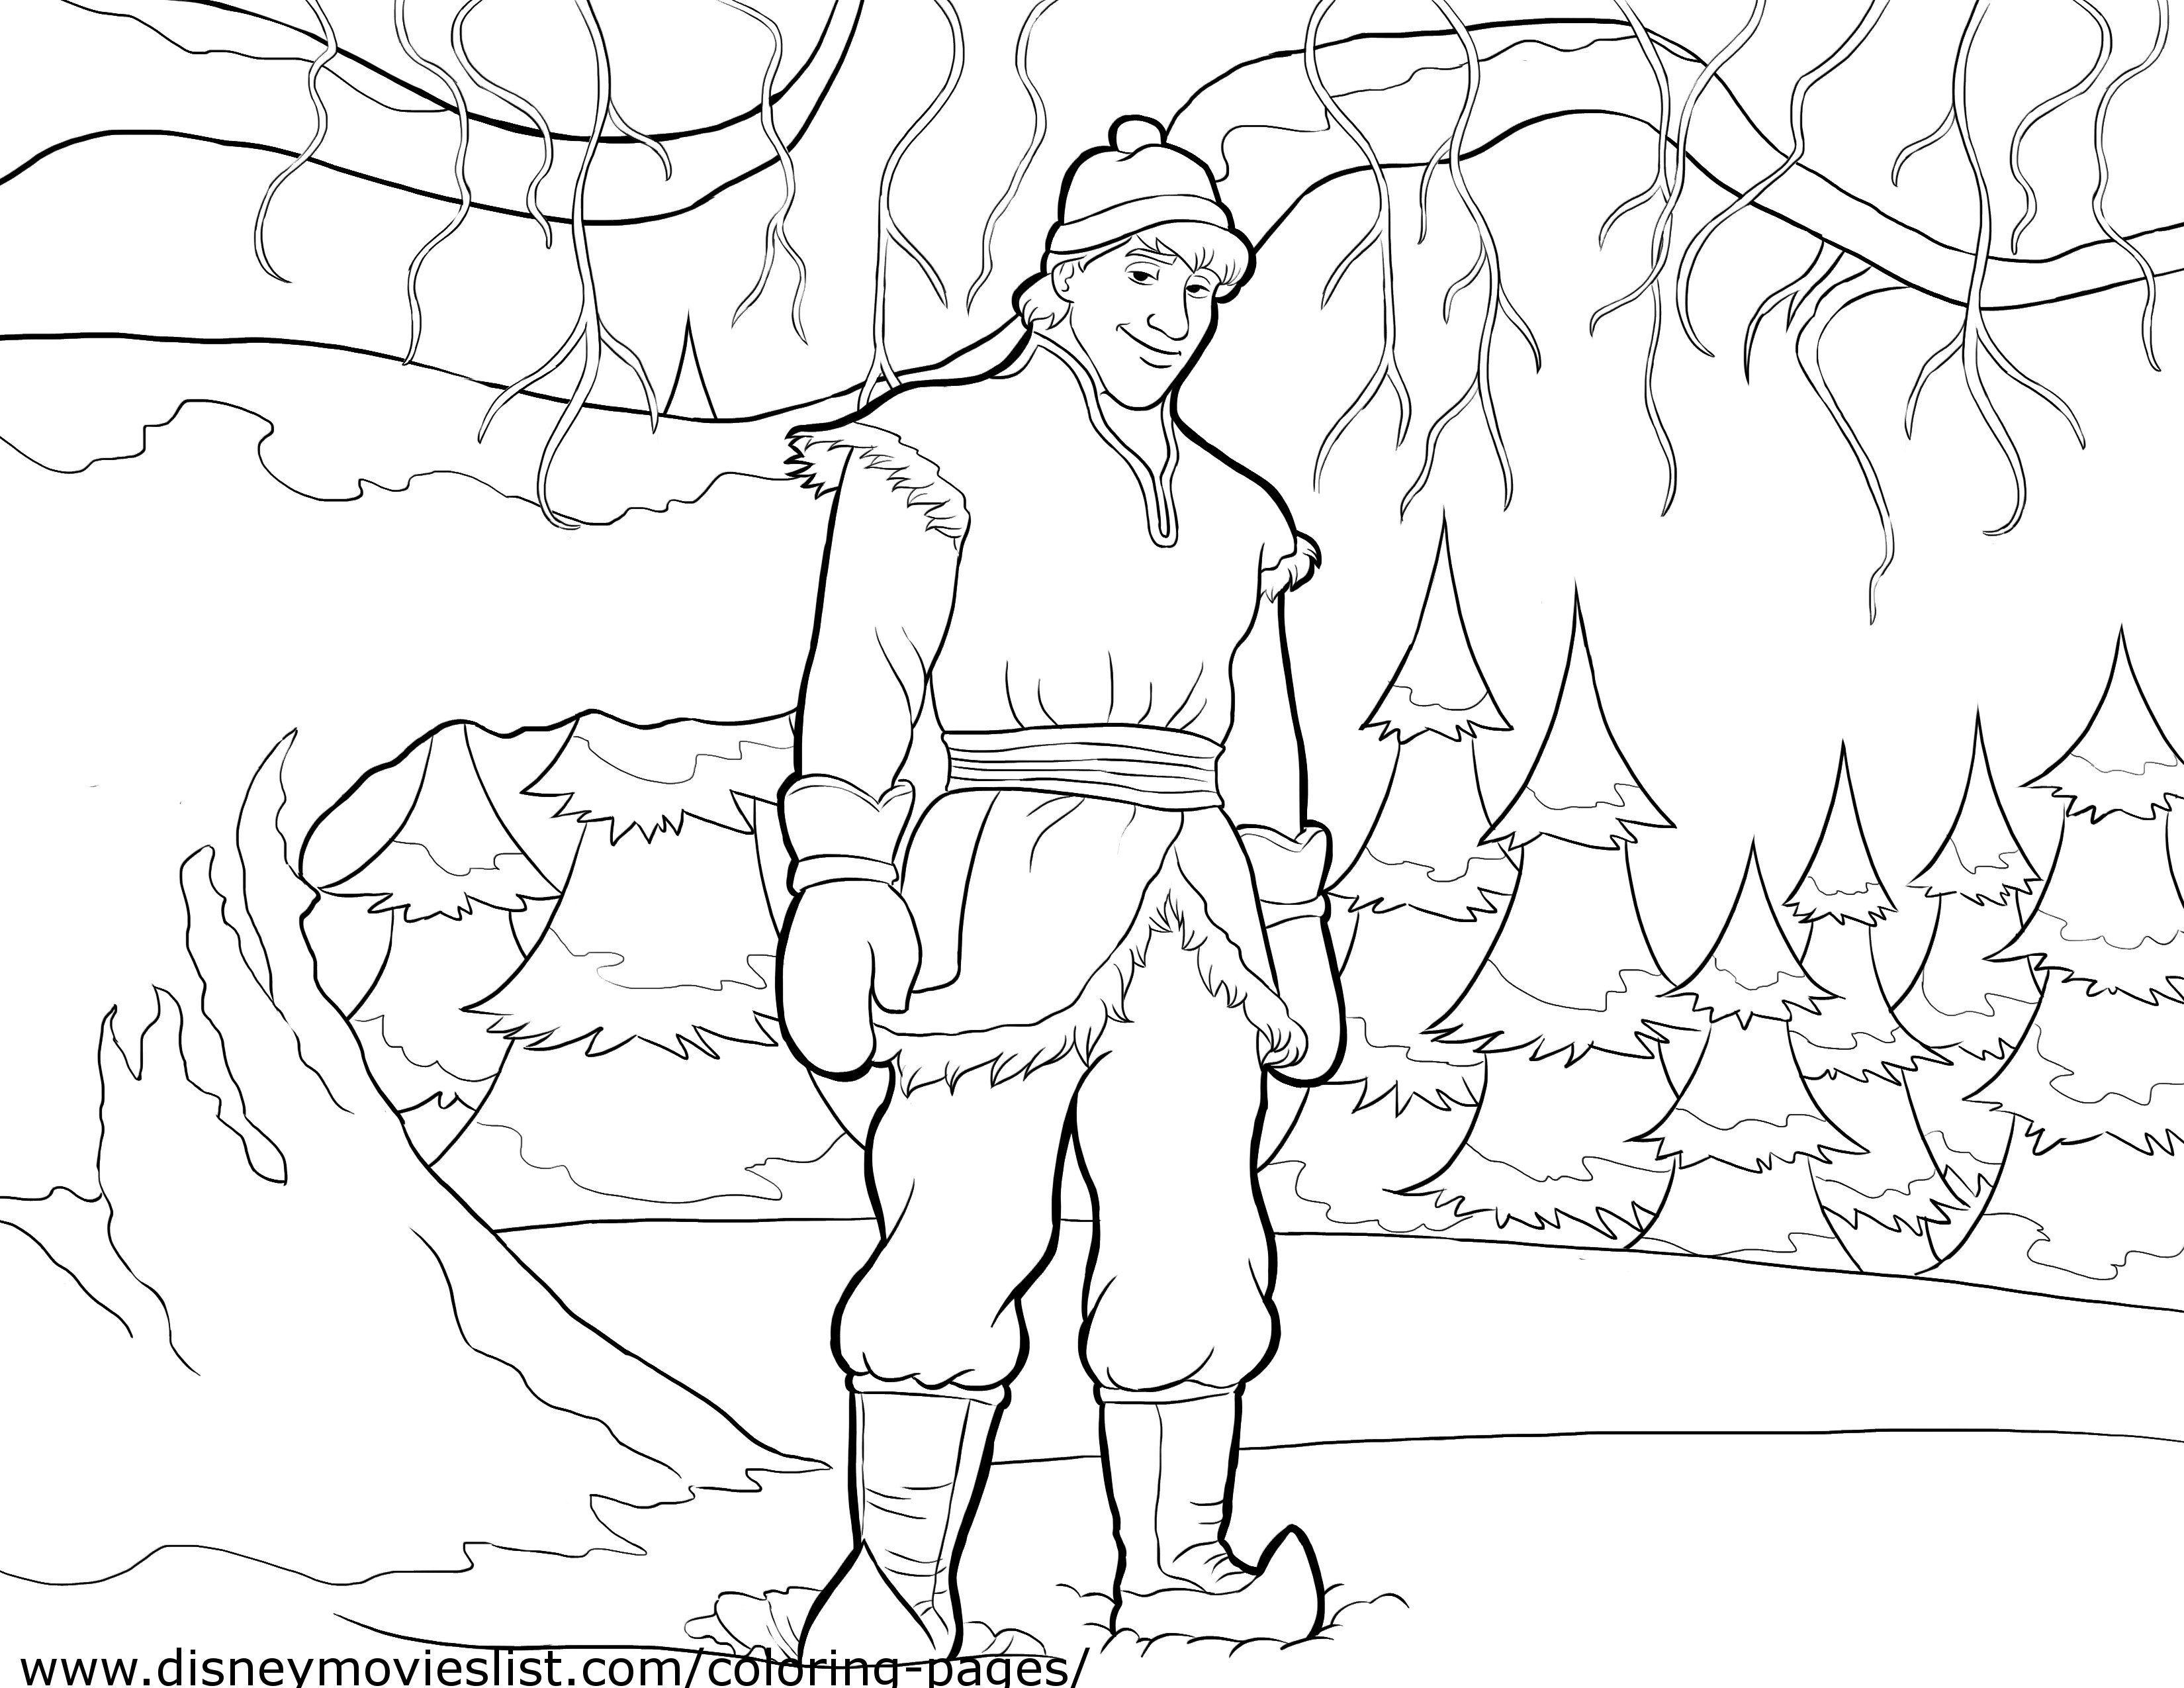 Elsa From Frozen Coloring Pages Frozen Image Frozen 36145761